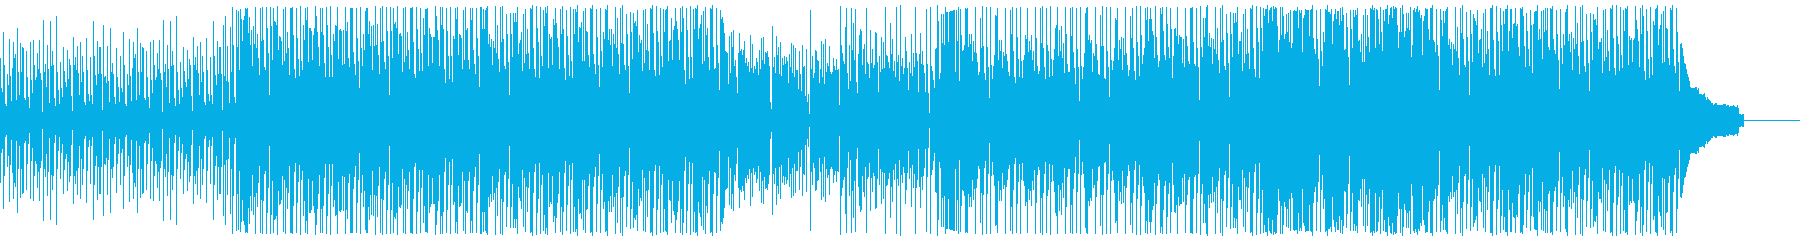 華やかでエネルギッシュな、の再生済みの波形